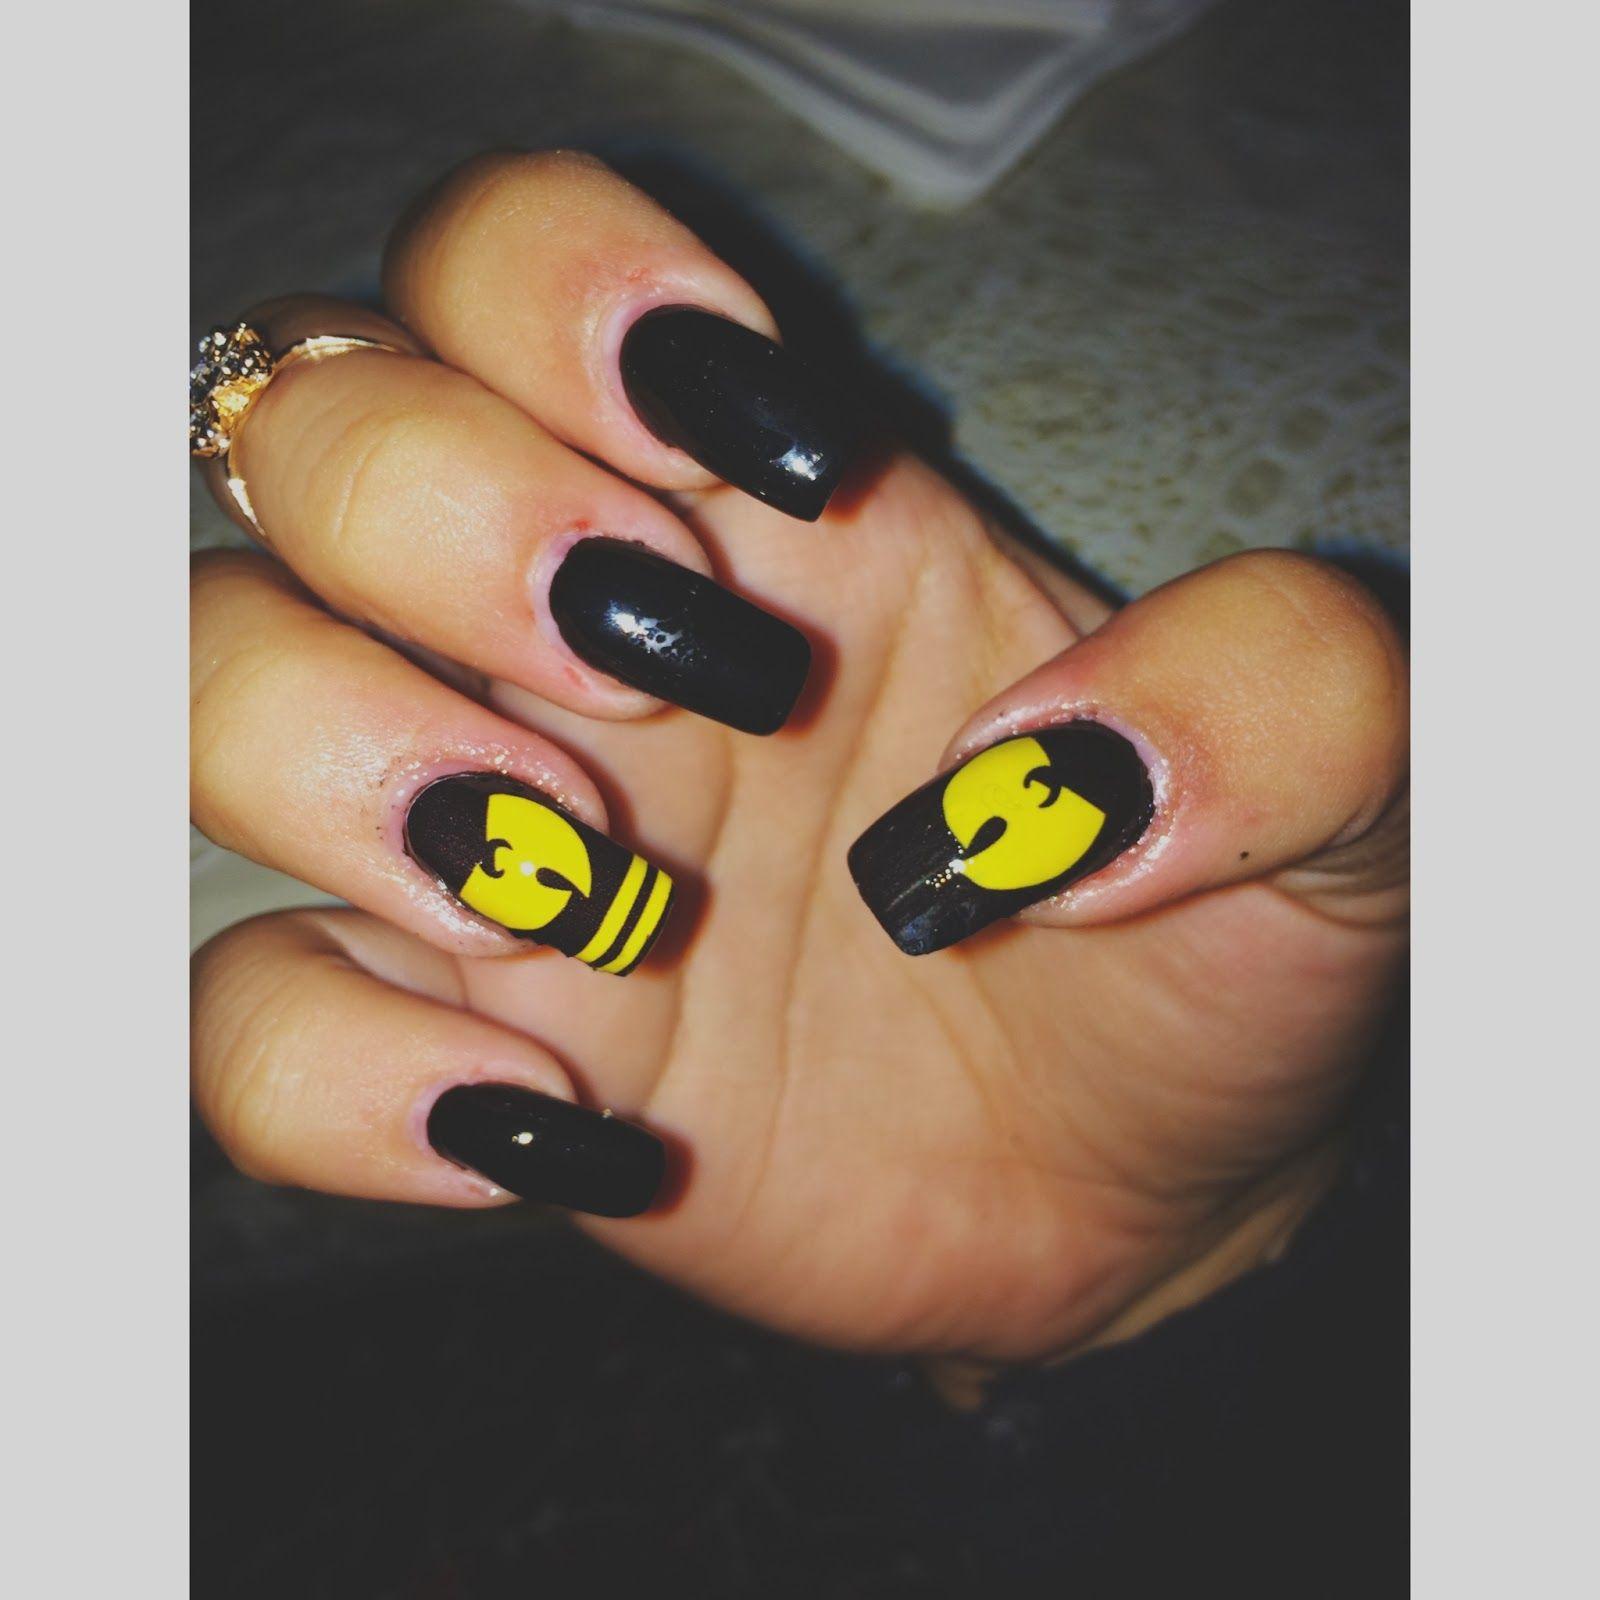 wu tang | Misc. | Pinterest | Wu tang, Style nails and Art nails